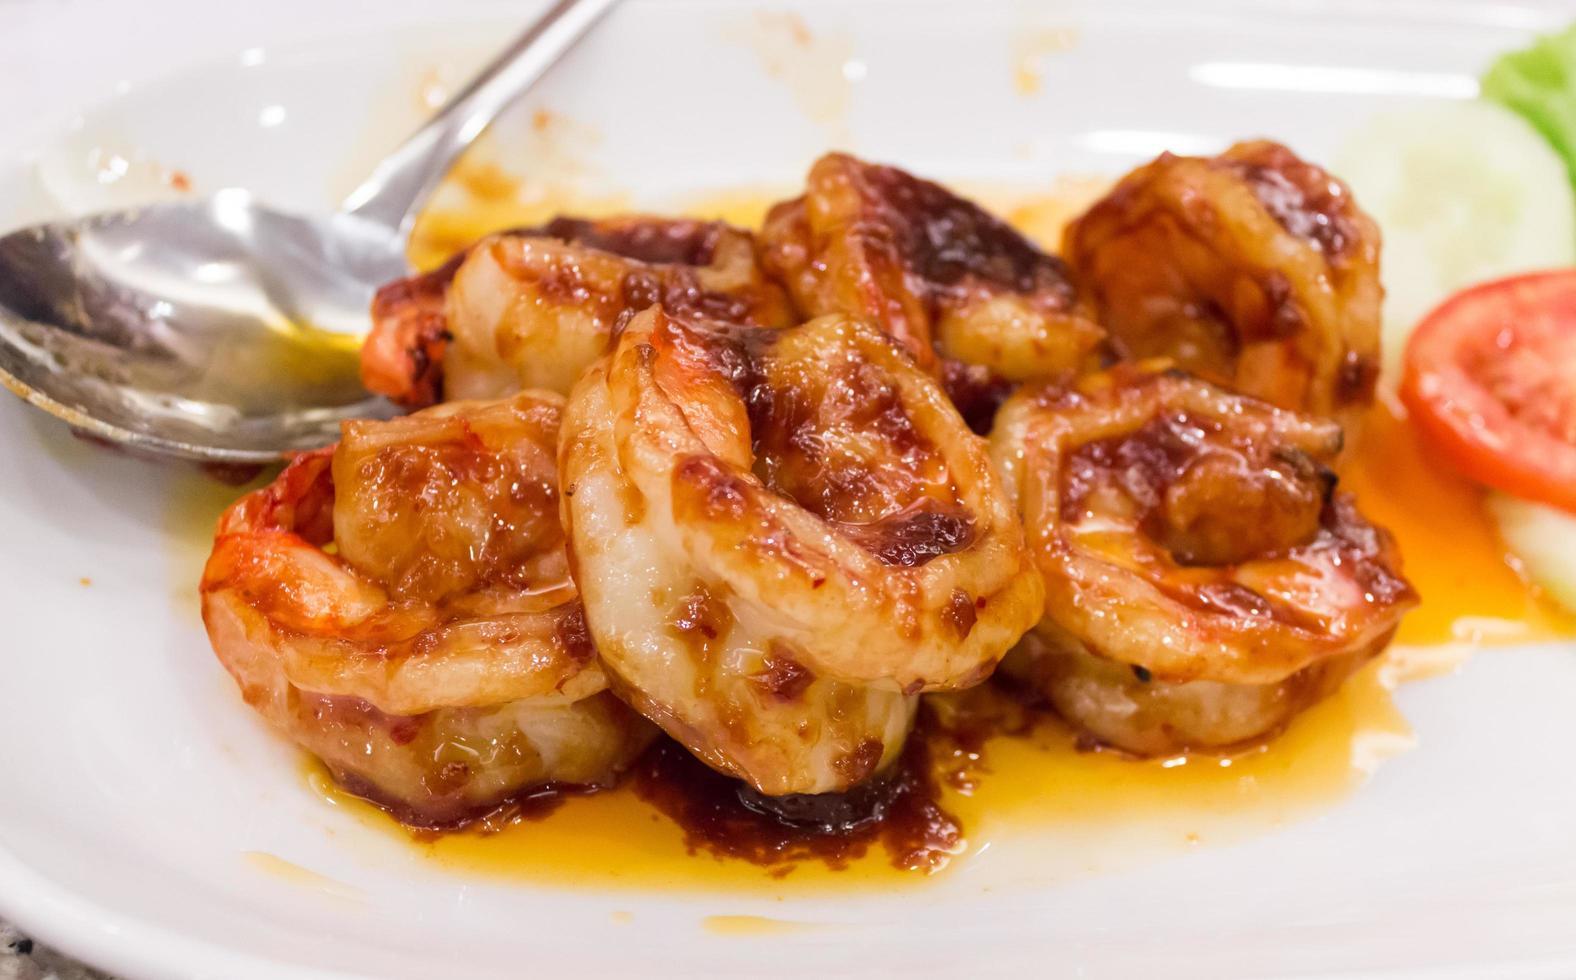 gamberetti in salsa al curry sulla piastra bianca foto